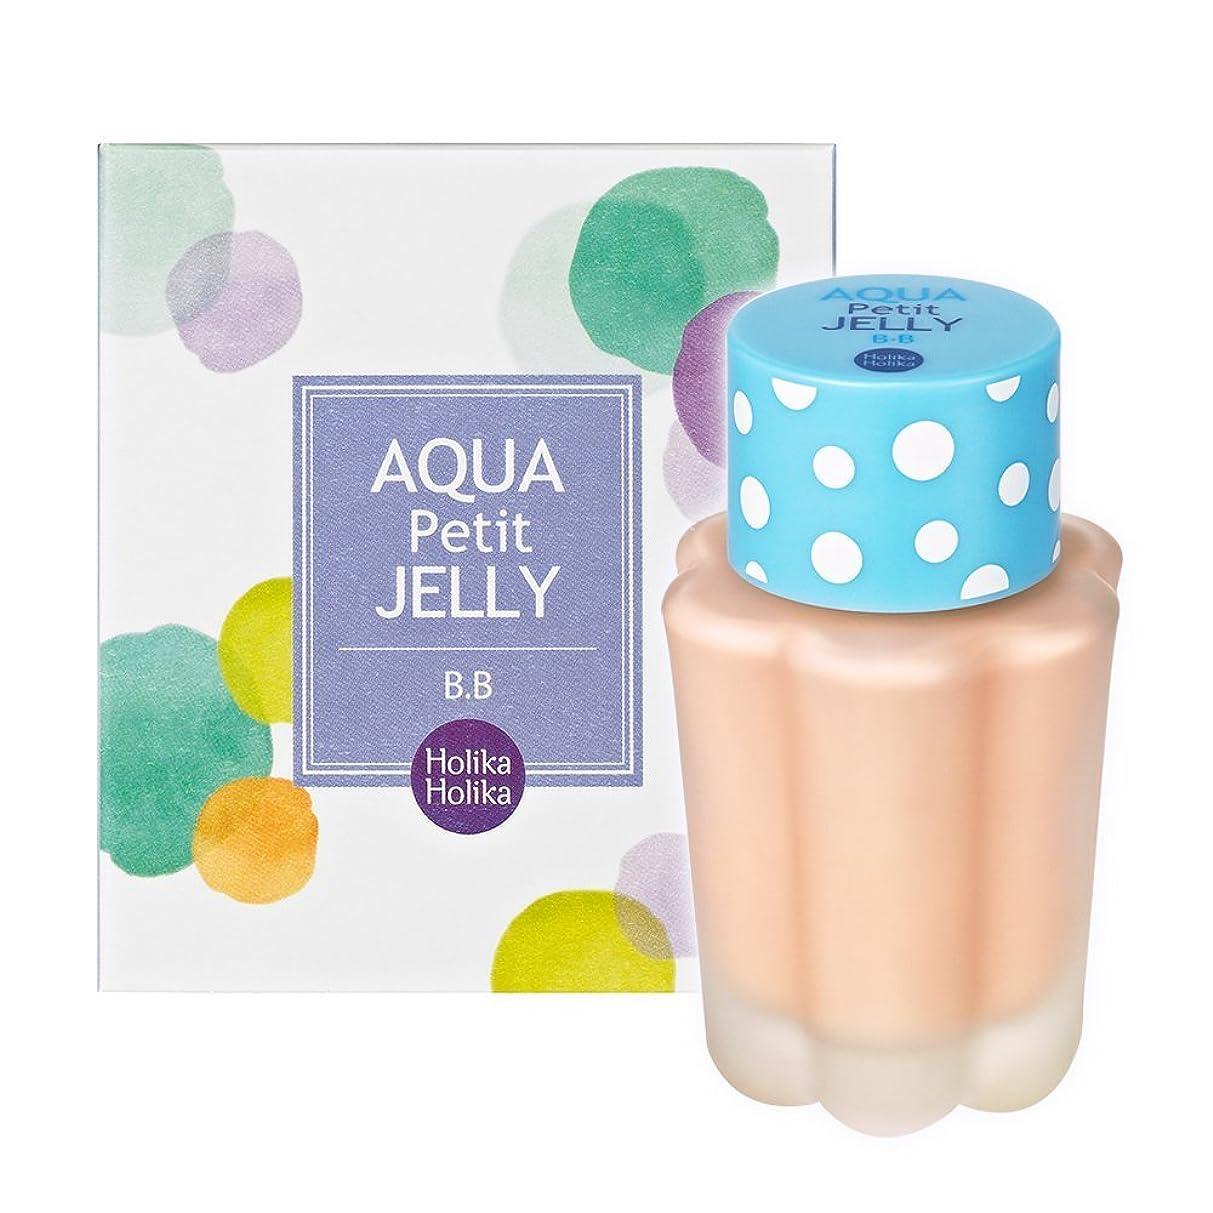 高度反抗差別化するHolika Holika ホリカホリカ アクア?プチ?ゼリー?ビービー?クリーム 40ml #2 (Aqua Petit jelly BB Cream) 海外直送品